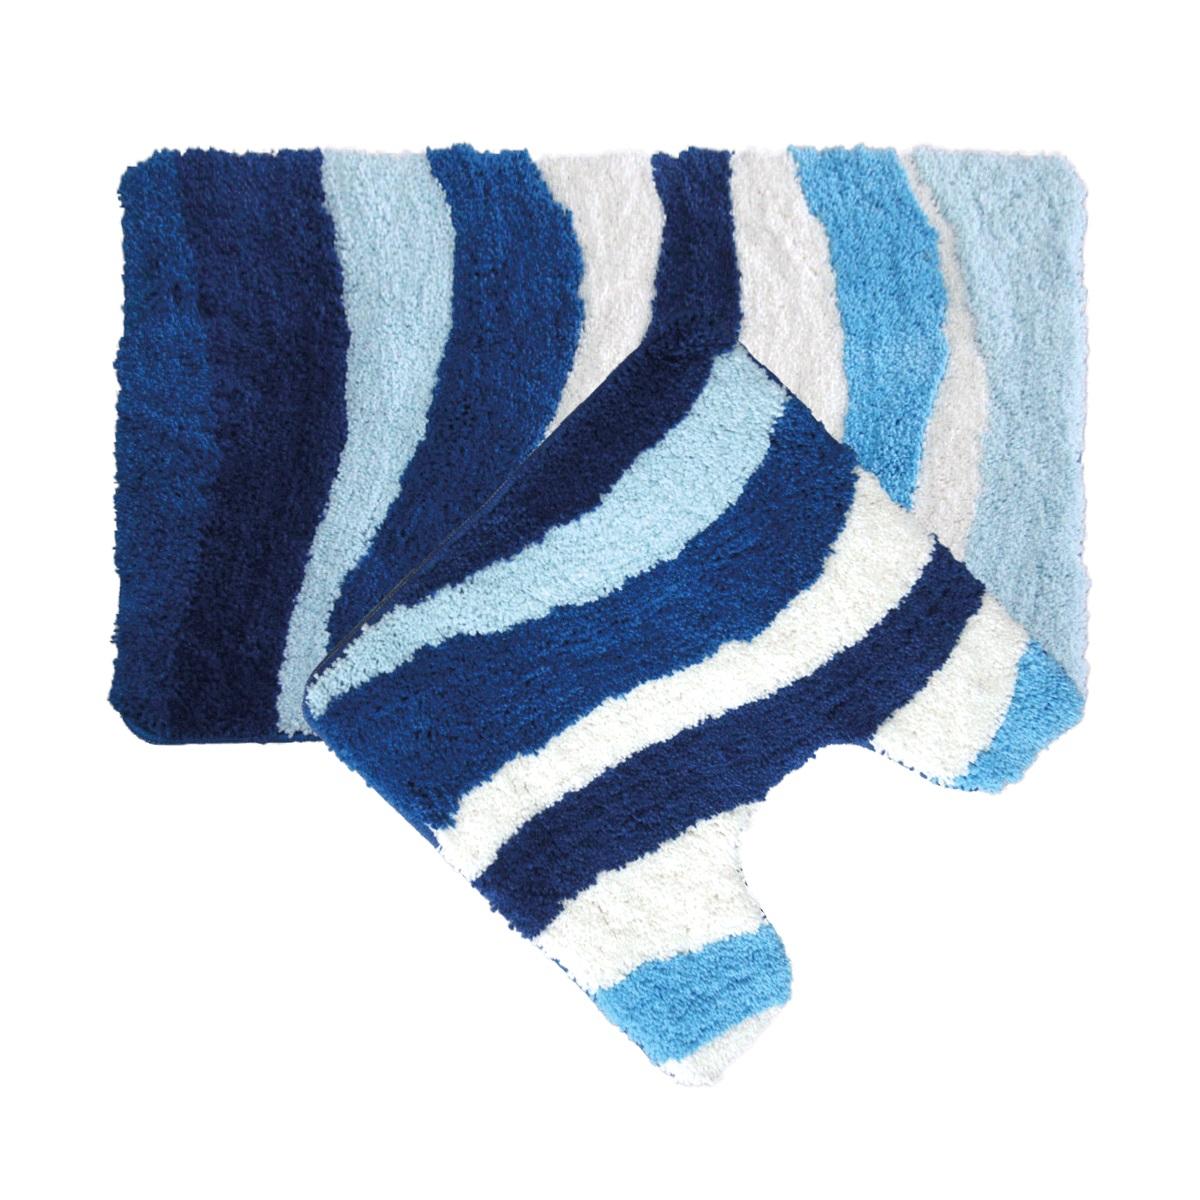 Набор ковриков для ванной Iddis Blue Wave, цвет: синий, 50 х 80 см, 50 х 50 см, 2 шт480M580i13Набор ковриков для ванной комнаты и туалета Iddis выполнен из микрофибры. Коврики имеют специальную латексную основу, благодаря которой они не скользят на напольных покрытия в ванной, что обеспечивает безопасность во время использования. Коврики изготавливаются по специальным технологиям машинного ручного тафтинга, что гарантирует высокое качество и долговечность.Высота ворса: 2,5 см.